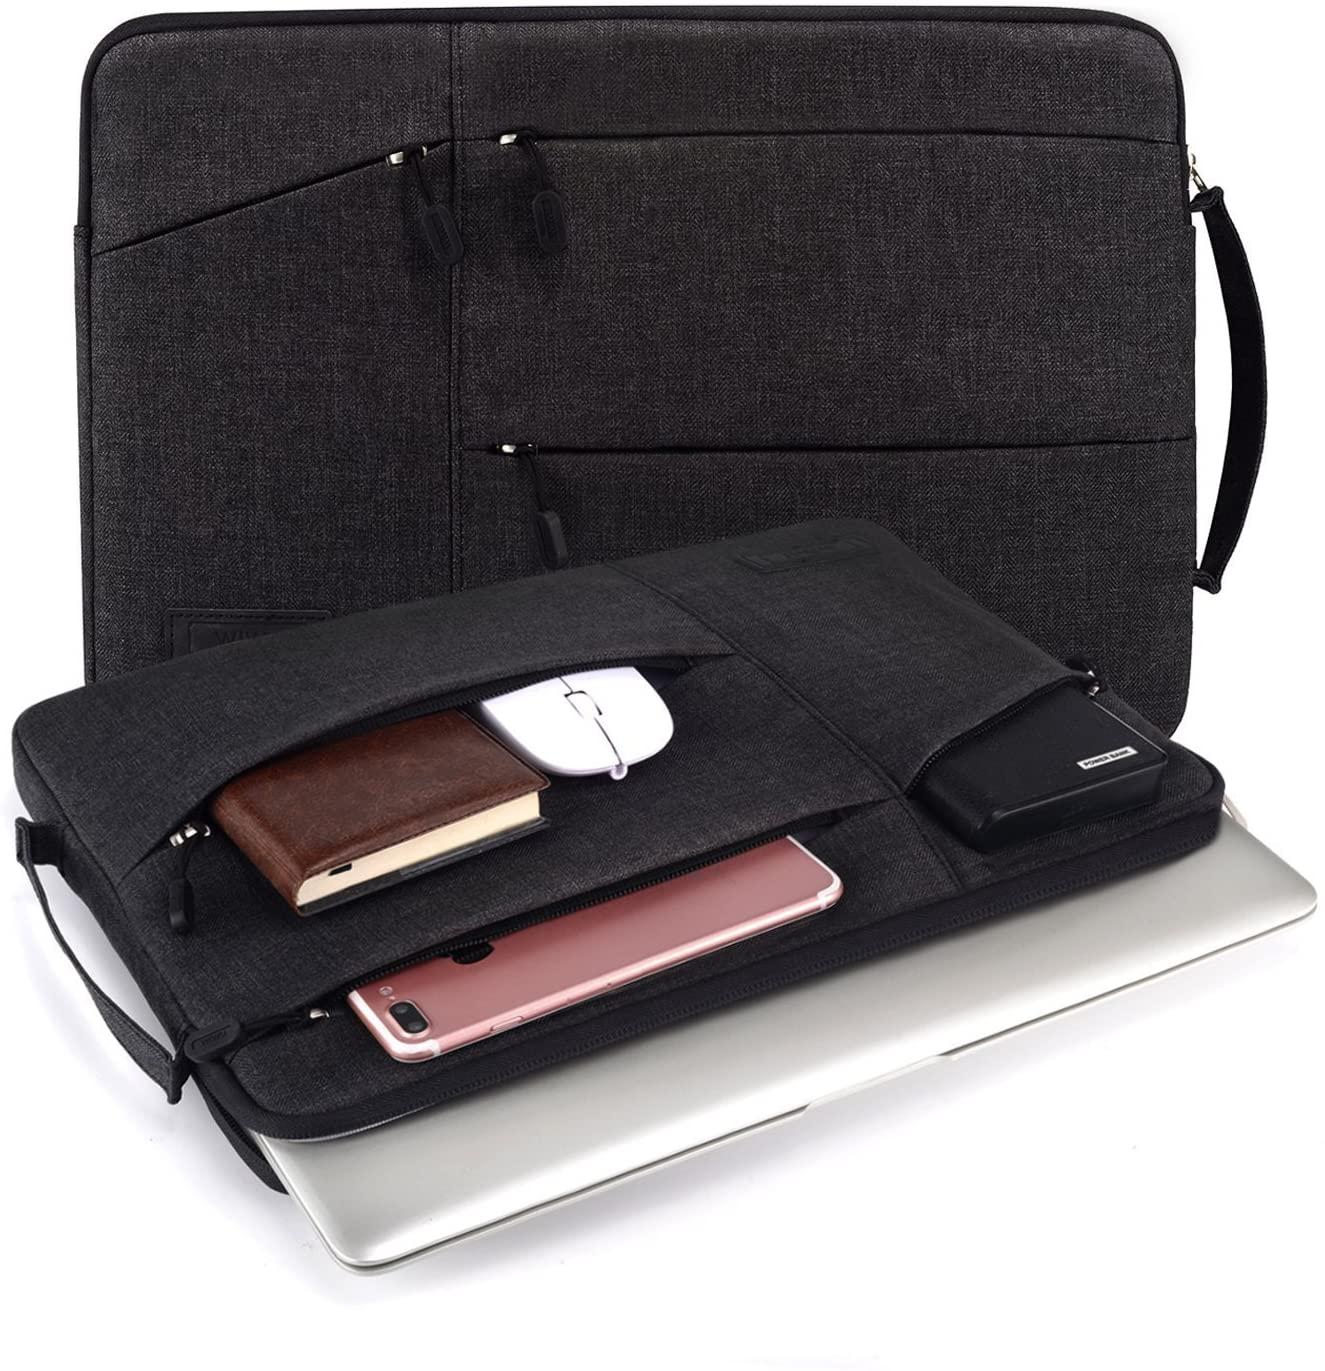 WIWU Laptop Sleeve for Macbook Black Color Bags